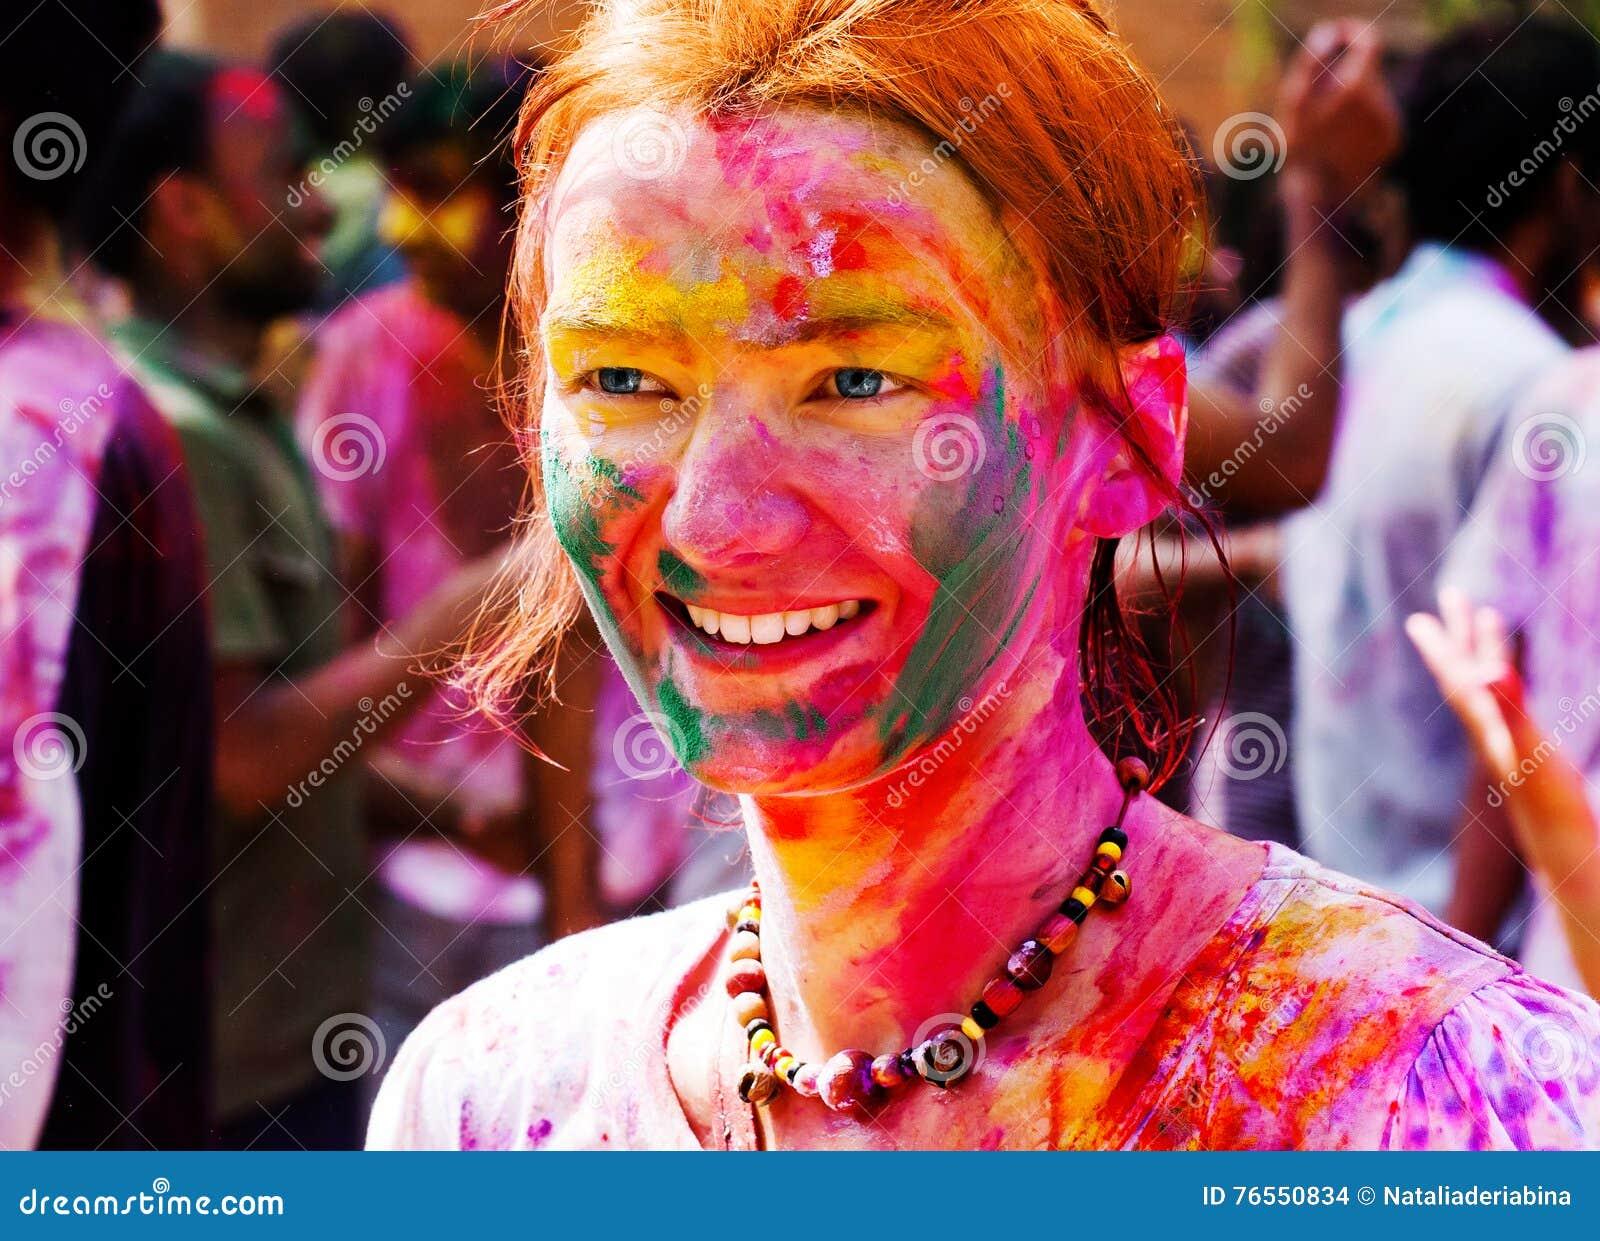 Den europeiska flickan firar festivalen Holi i Delhi, Indien